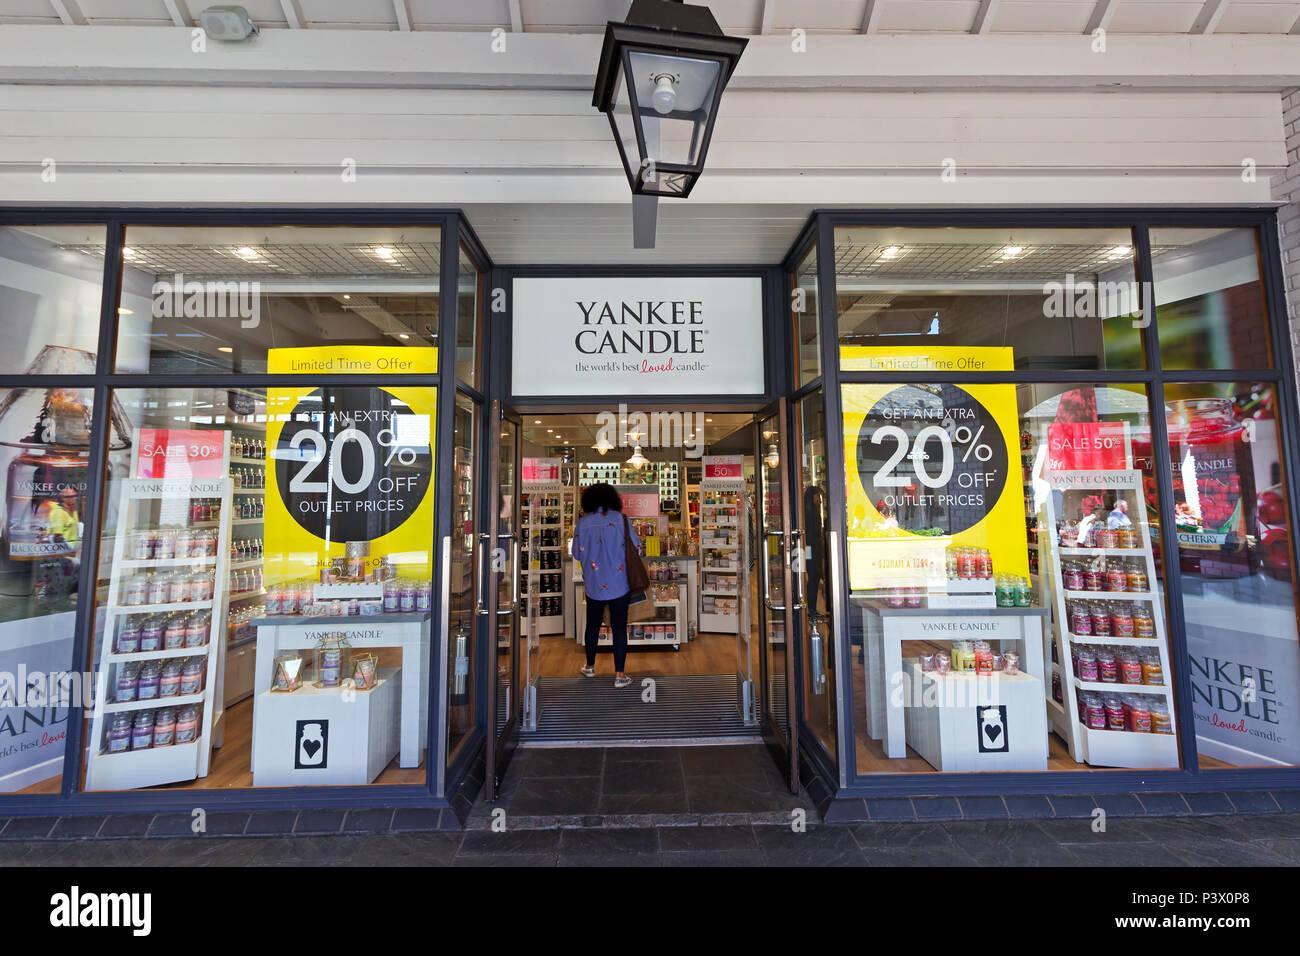 11af4bd8d1c Shop frontage of the Yankee Candle store at the Cheshire Oaks Designer  Outlet, Ellesmere Port